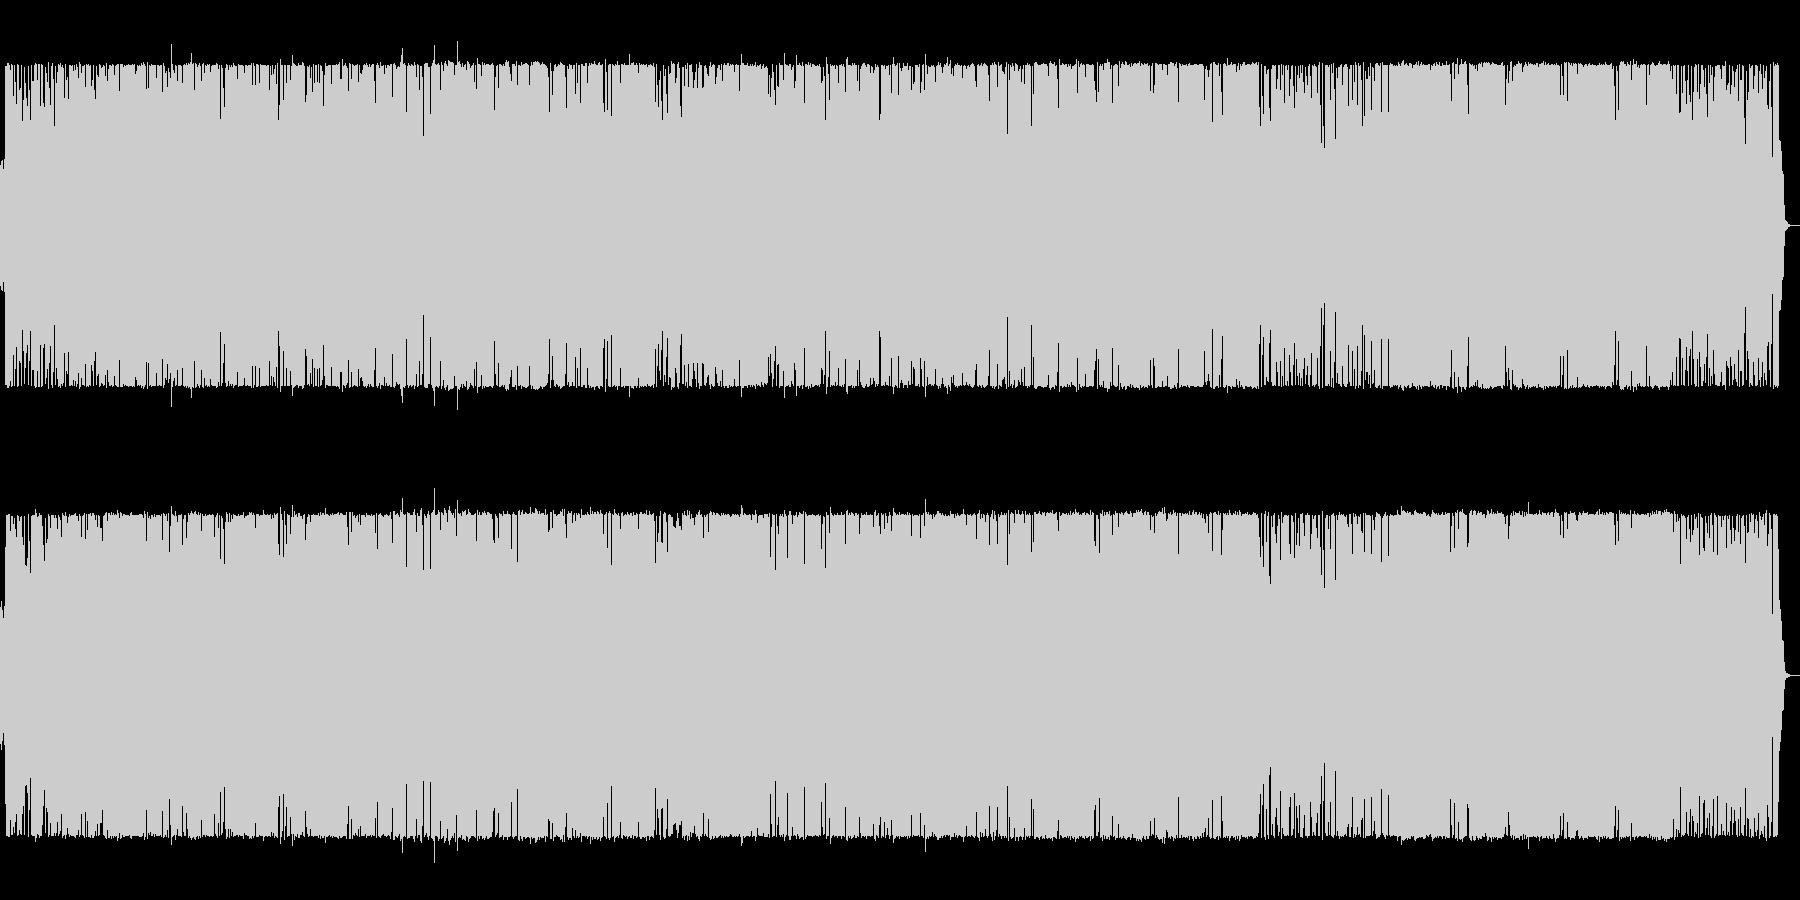 Hopeful J-POP's unreproduced waveform